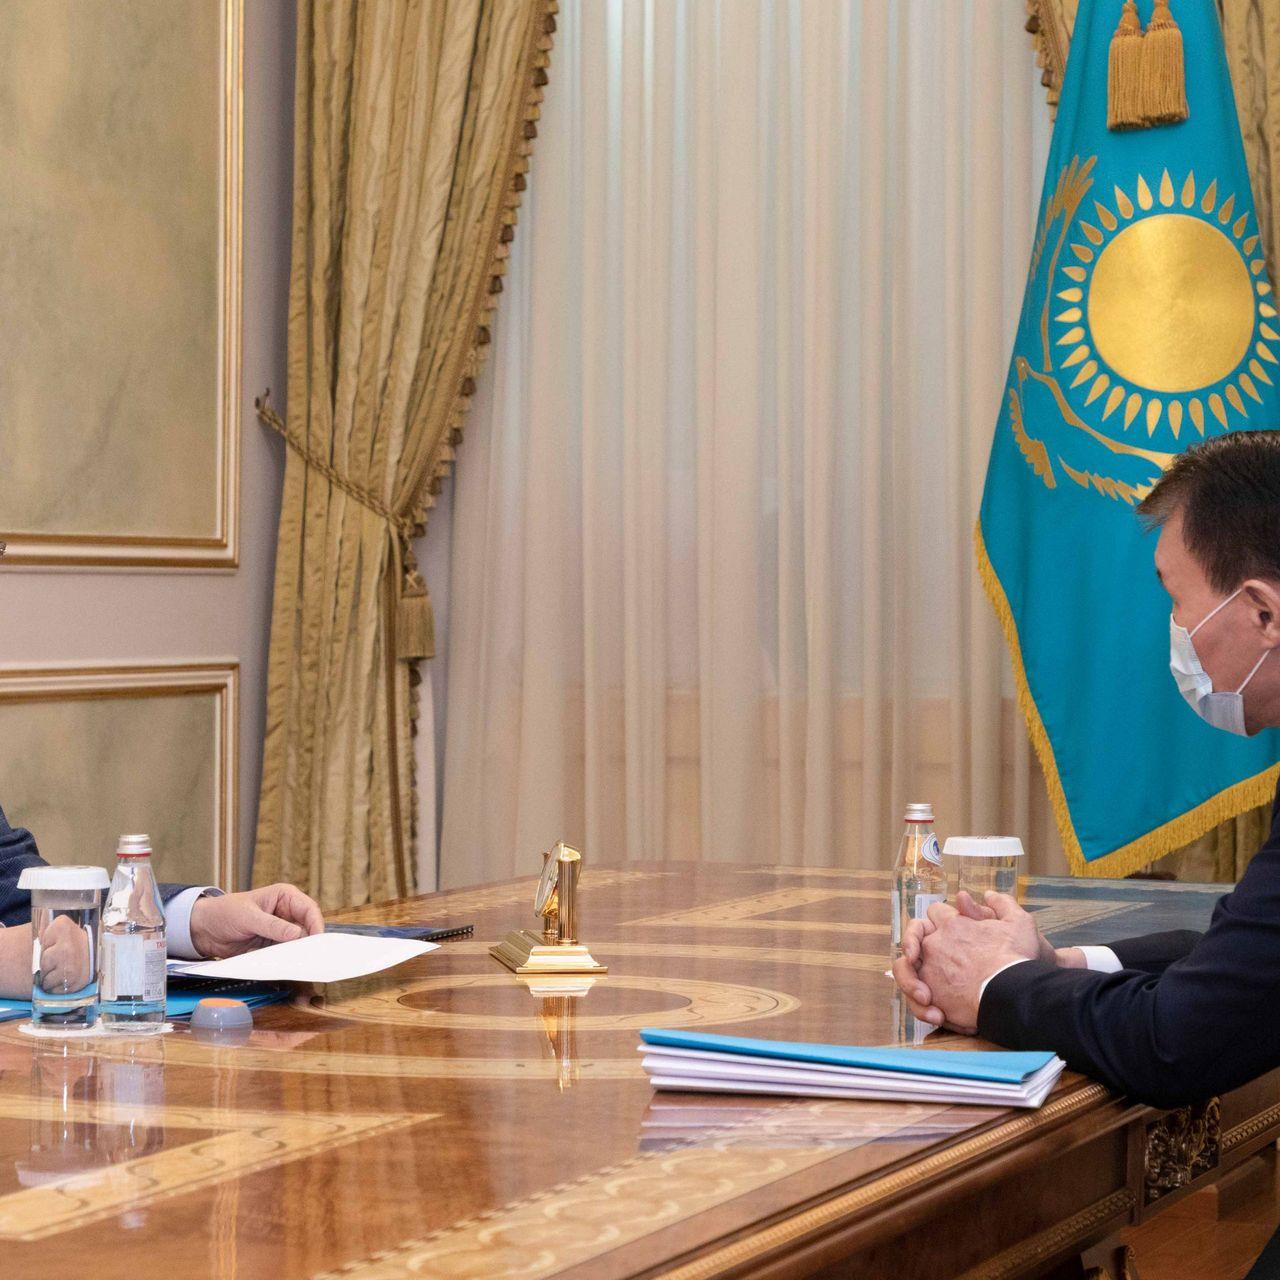 Мемлекет басшысы Сыбайлас жемқорлыққа қарсы іс-қимыл агенттігінің төрағасы Алик Шпекбаевты қабылдады